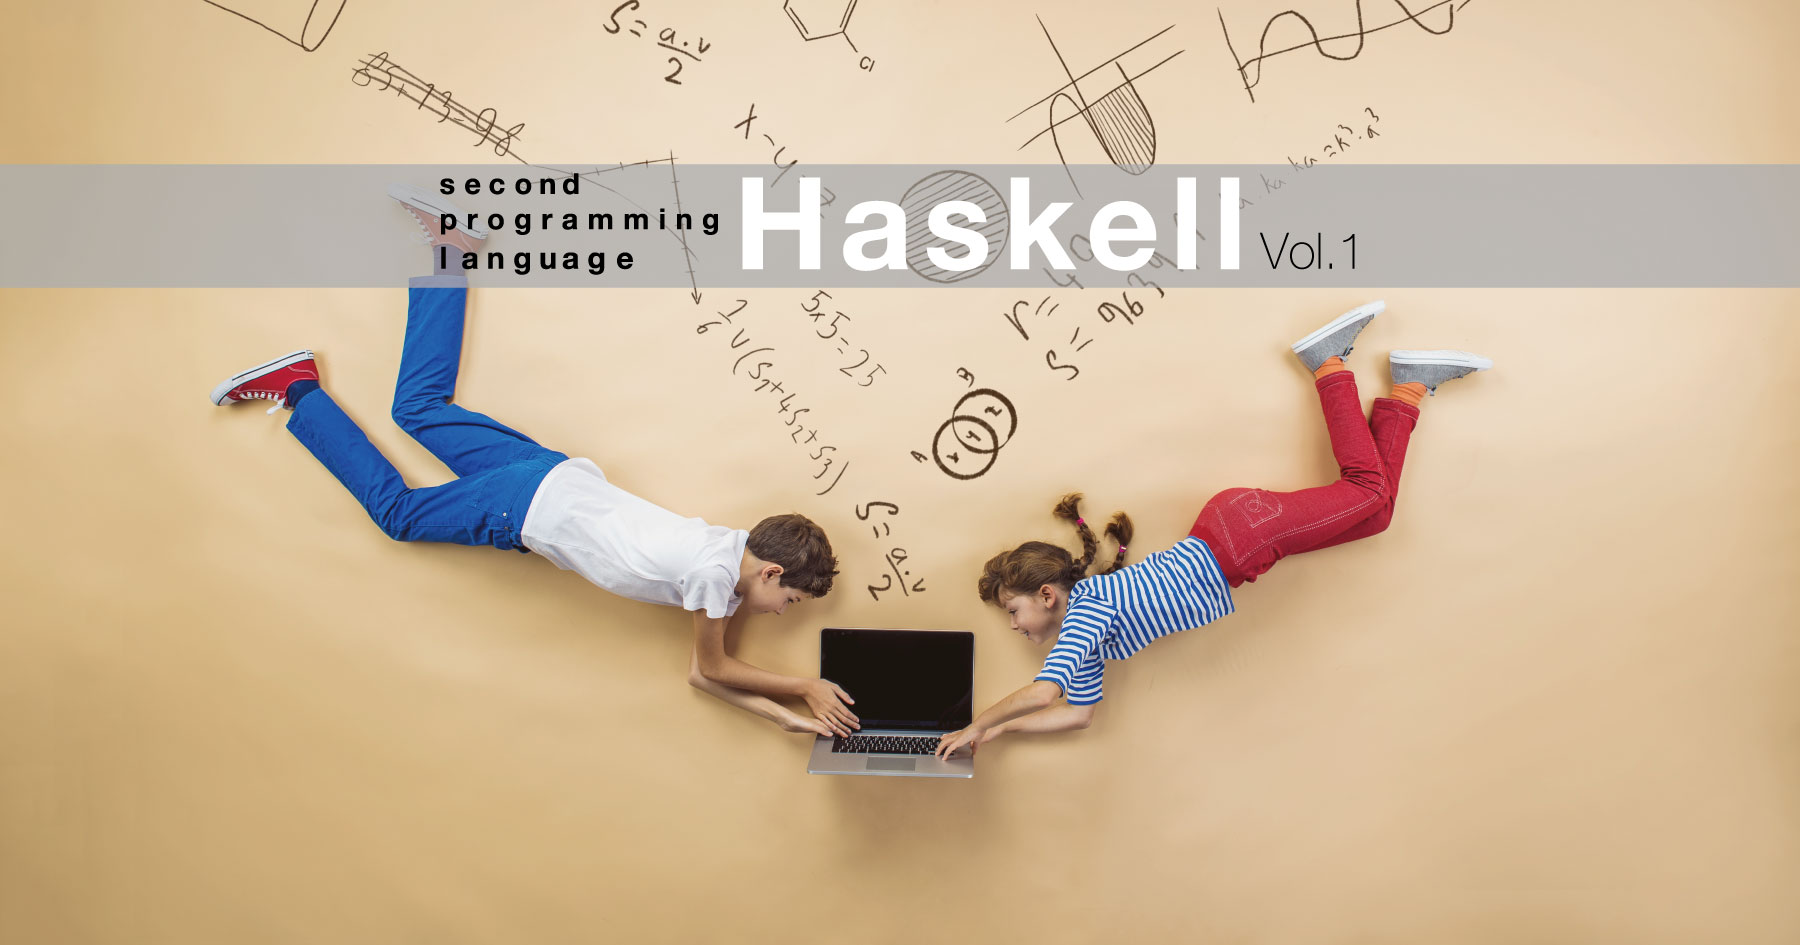 Haskellらしさって?「型」と「関数」の基本を解説!【第二言語としてのHaskell】 - エンジニアHub 若手Webエンジニアのキャリアを考える!